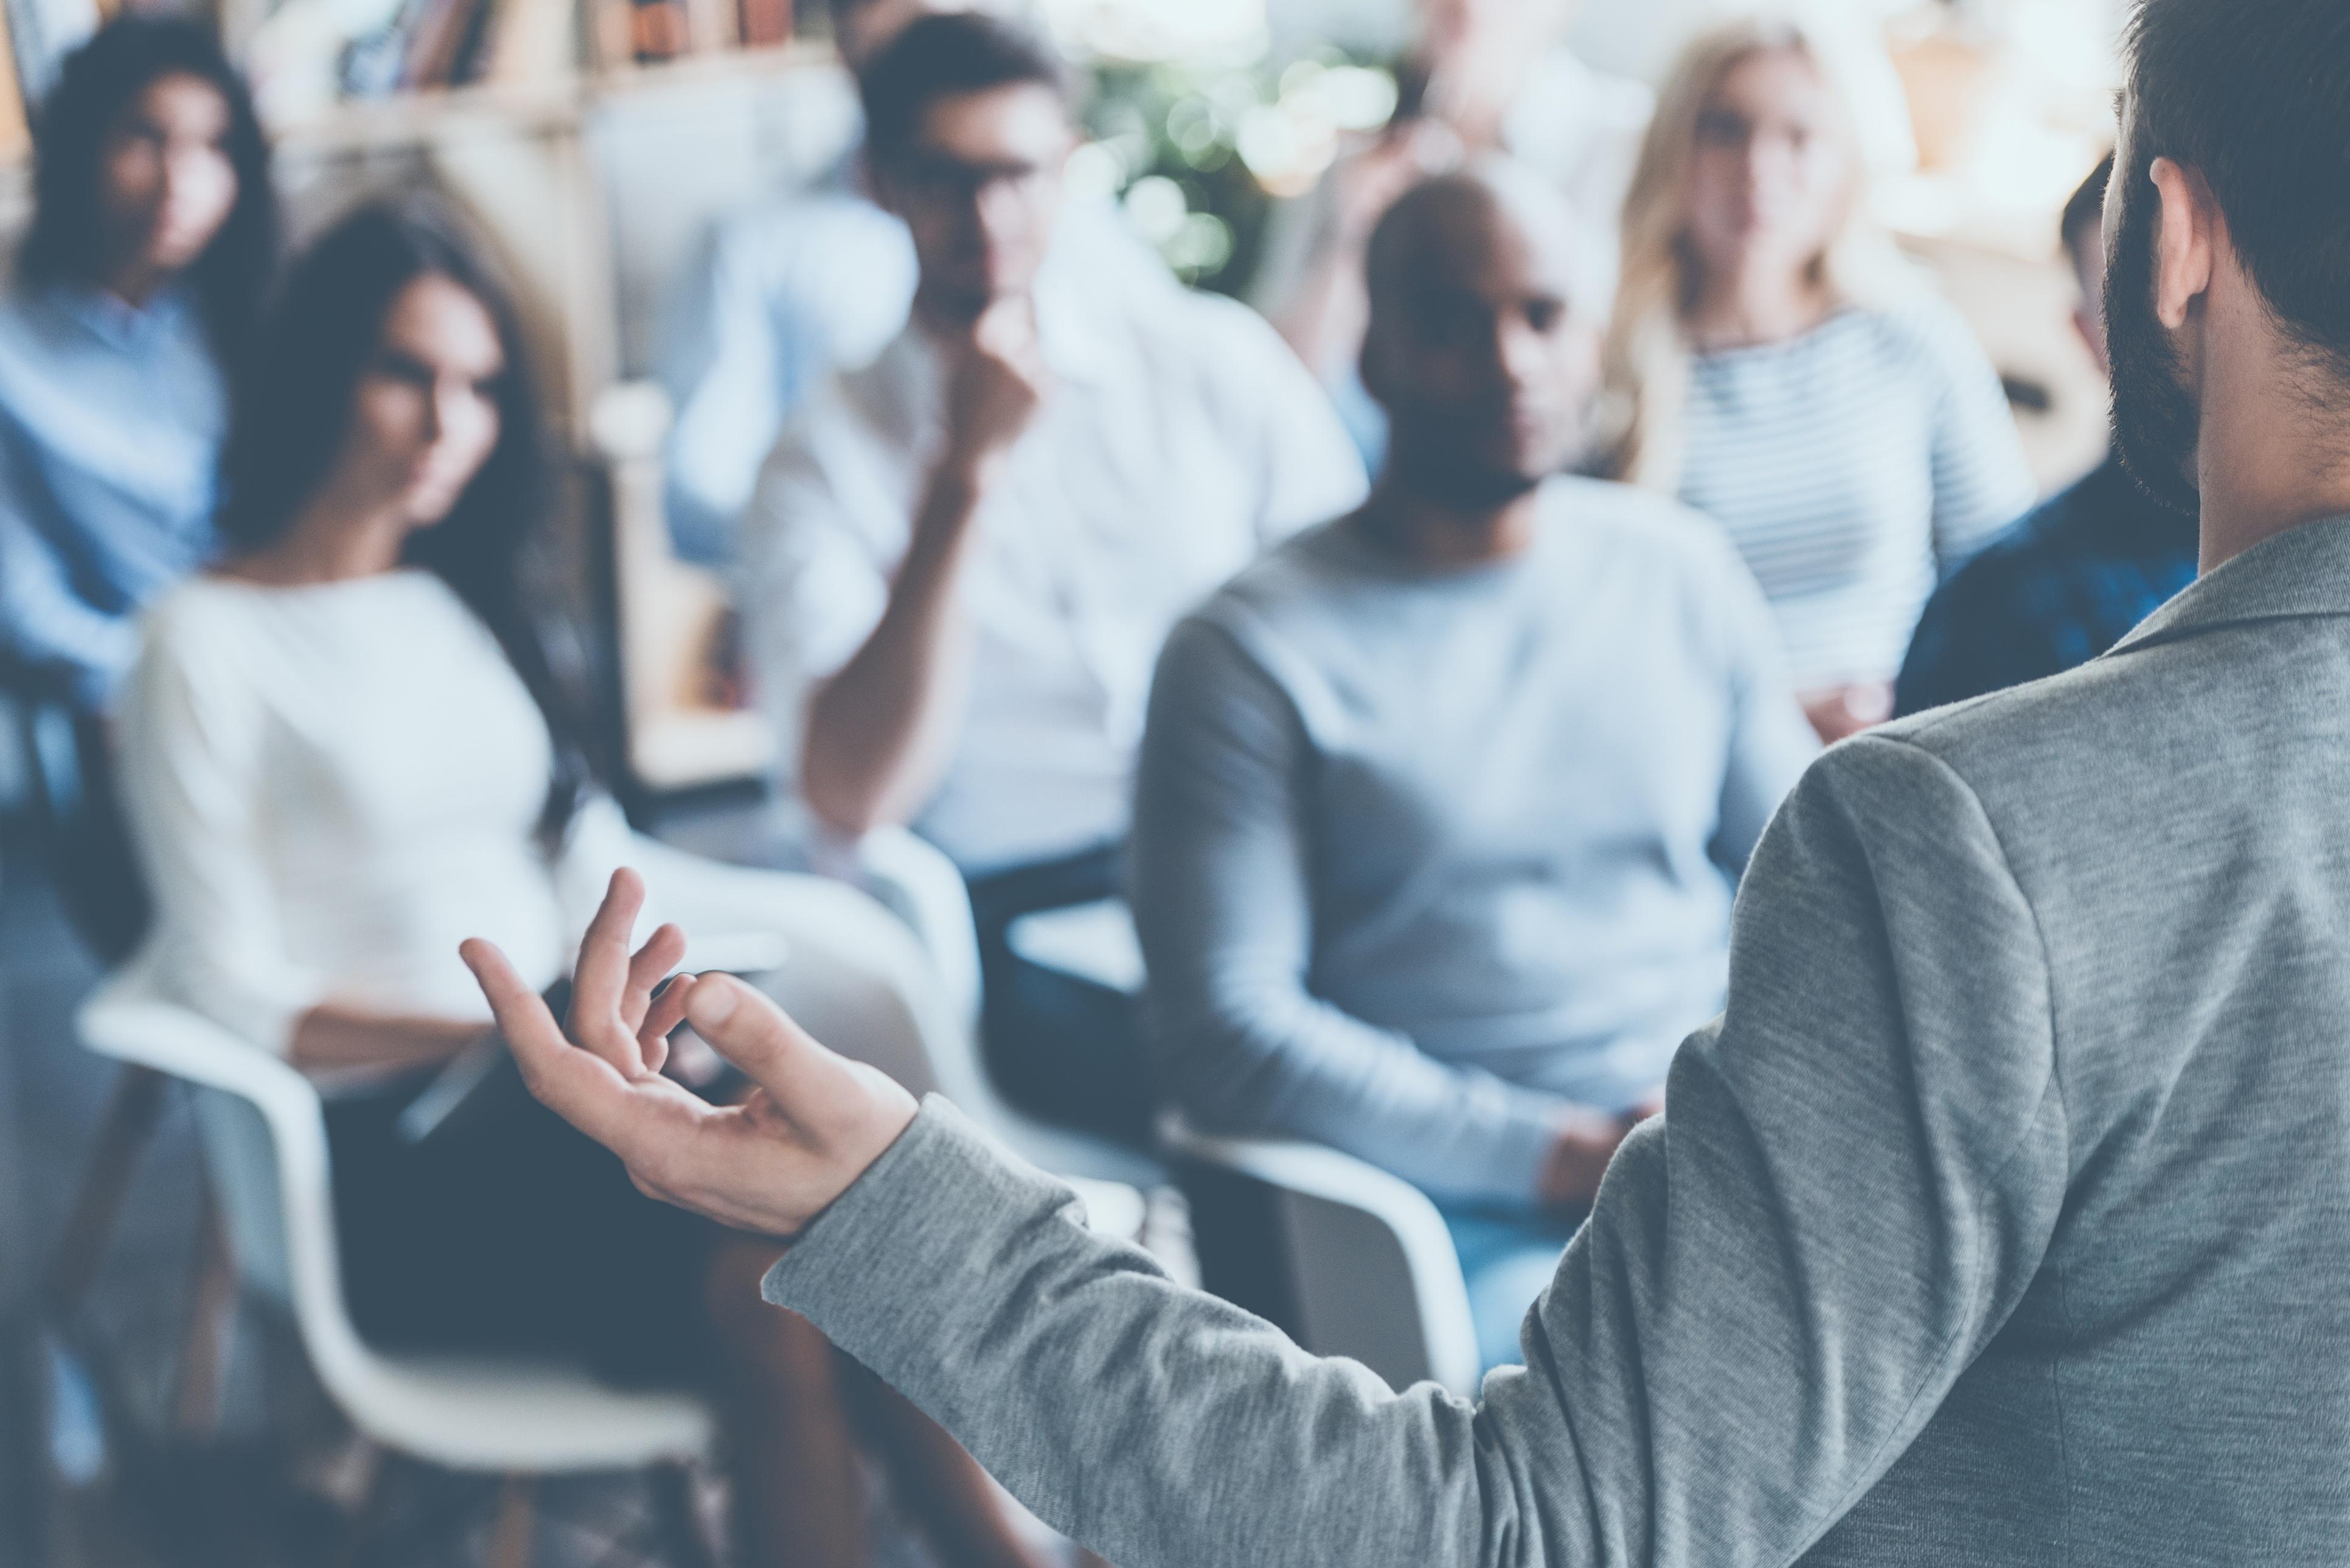 Las reuniones y eventos serán más caros en 2018